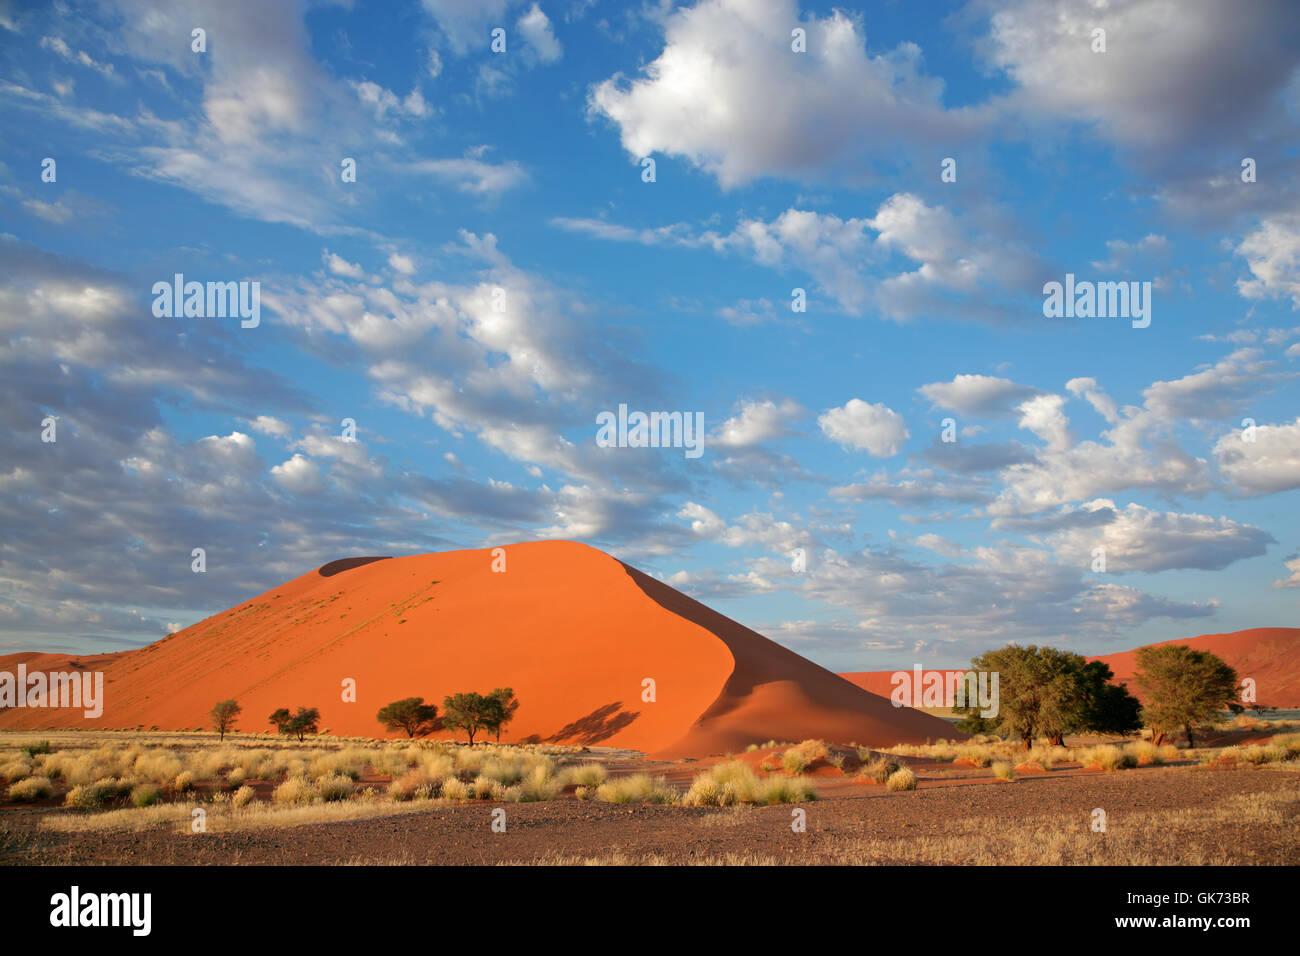 desert wasteland namibia - Stock Image